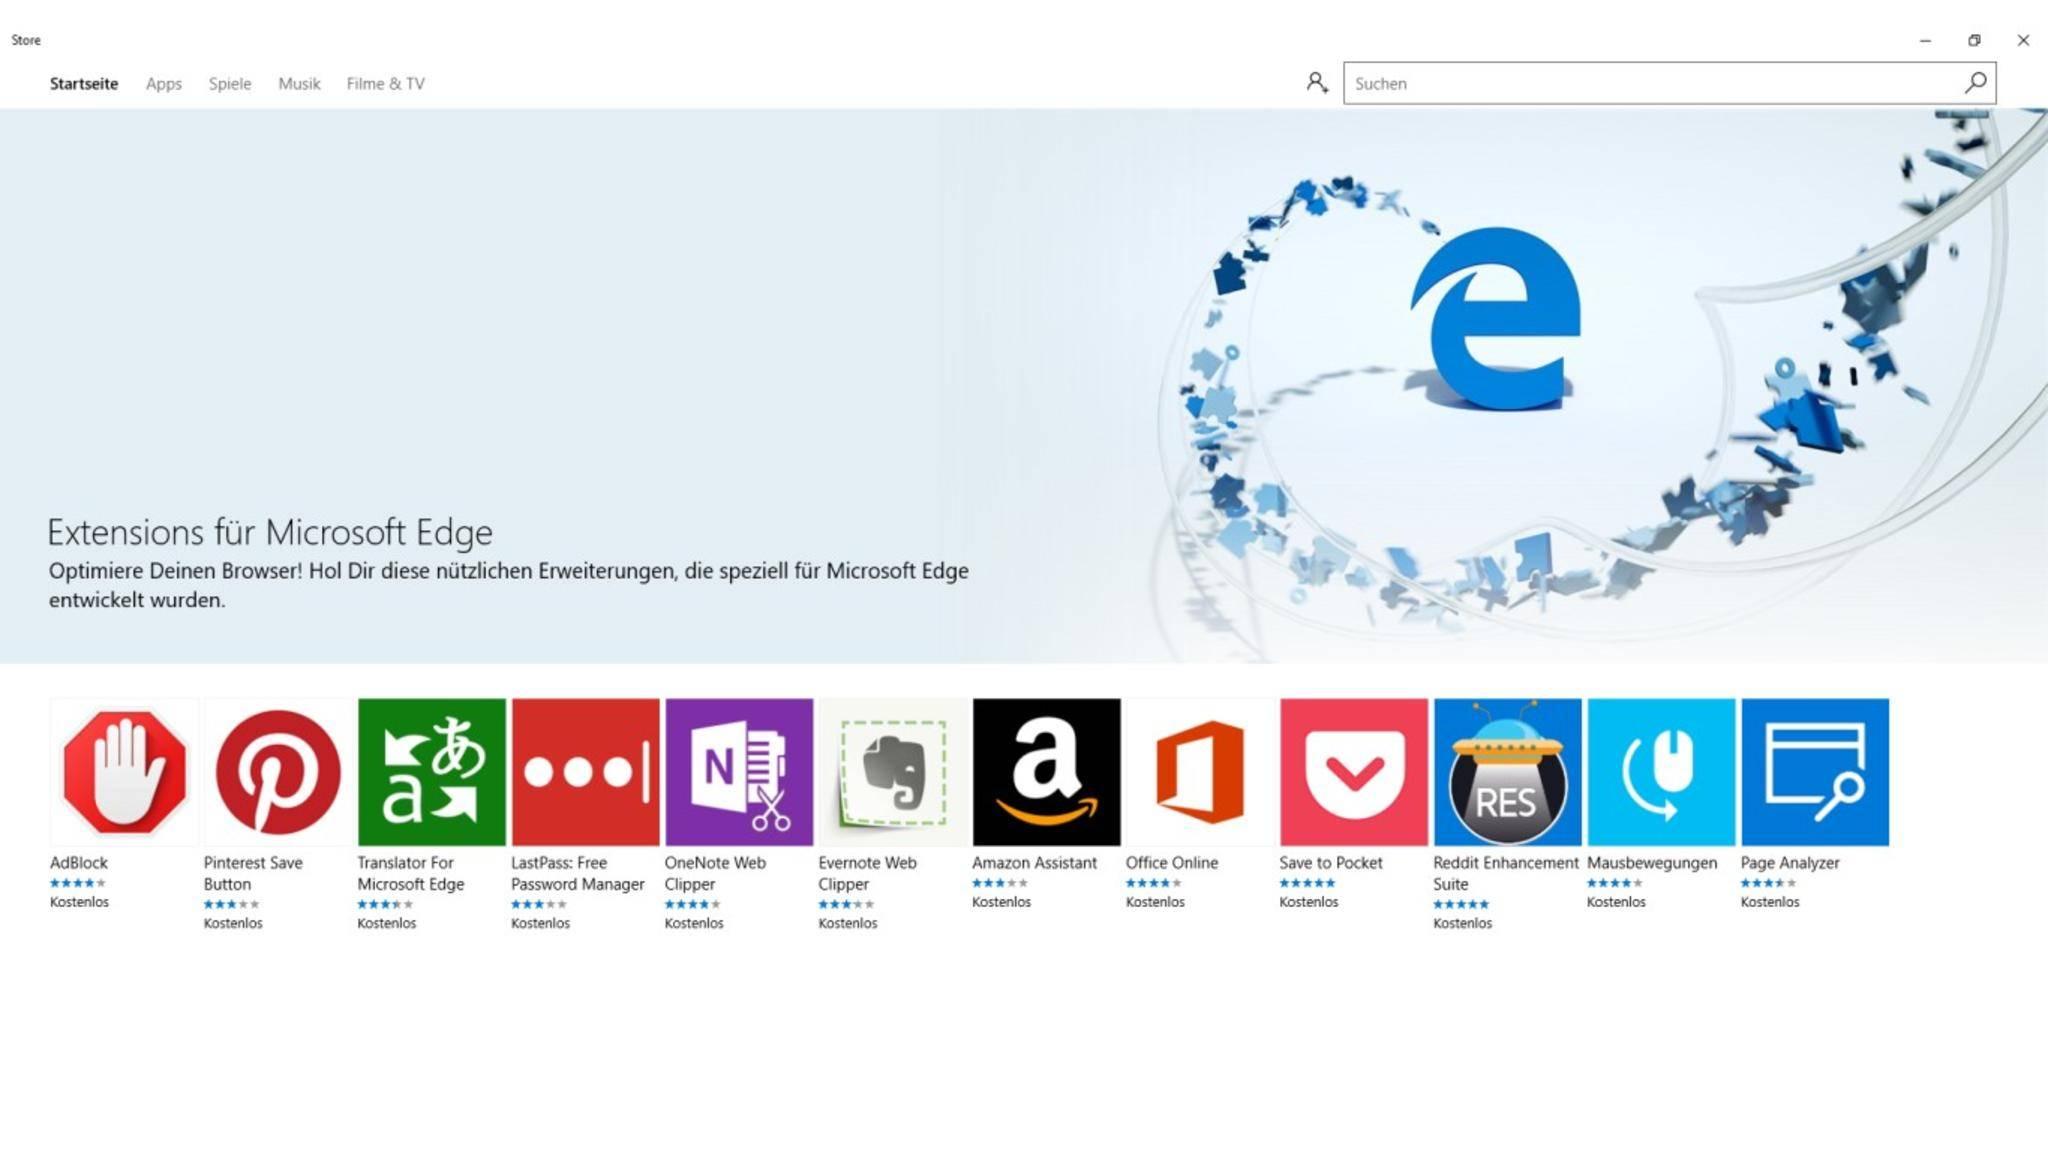 Mit den Erweiterungen lässt sich gleich viel besser mit dem Microsoft Edge Browser arbeiten.